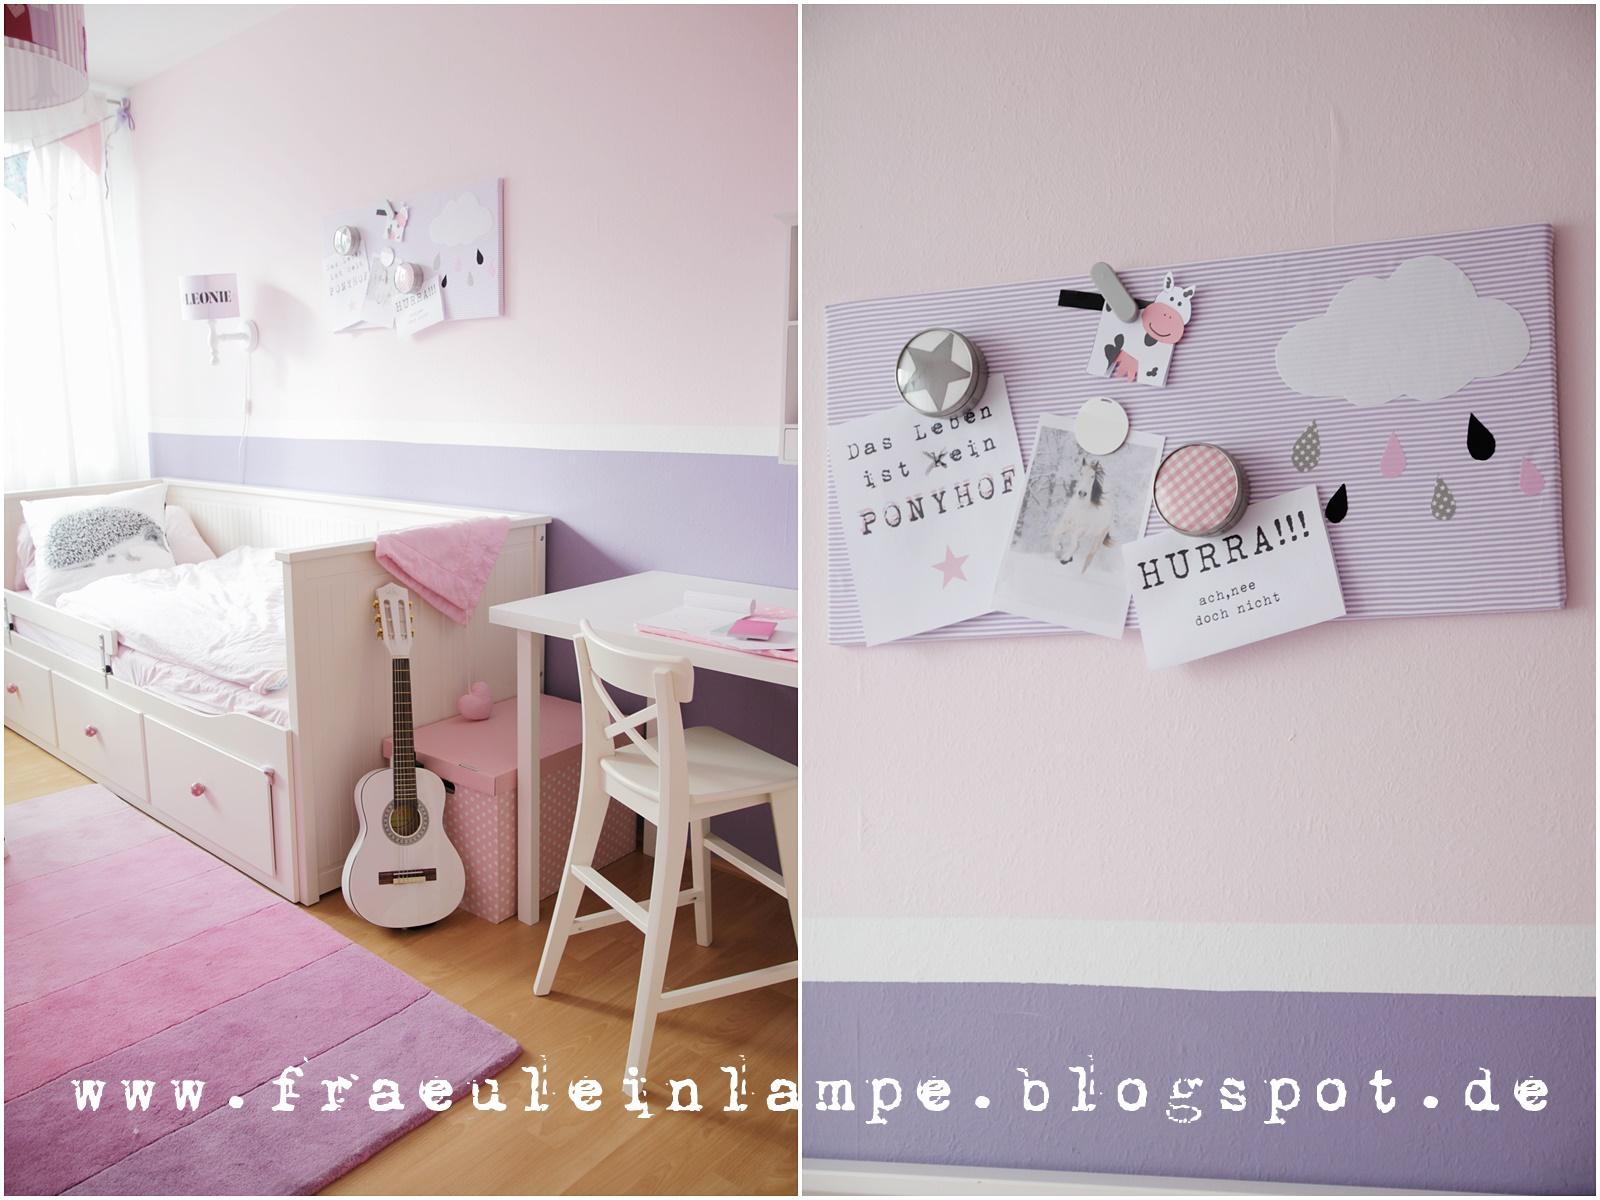 magnettafel fur kinderzimmer kaufen banjado shop mtq7463 2. Black Bedroom Furniture Sets. Home Design Ideas